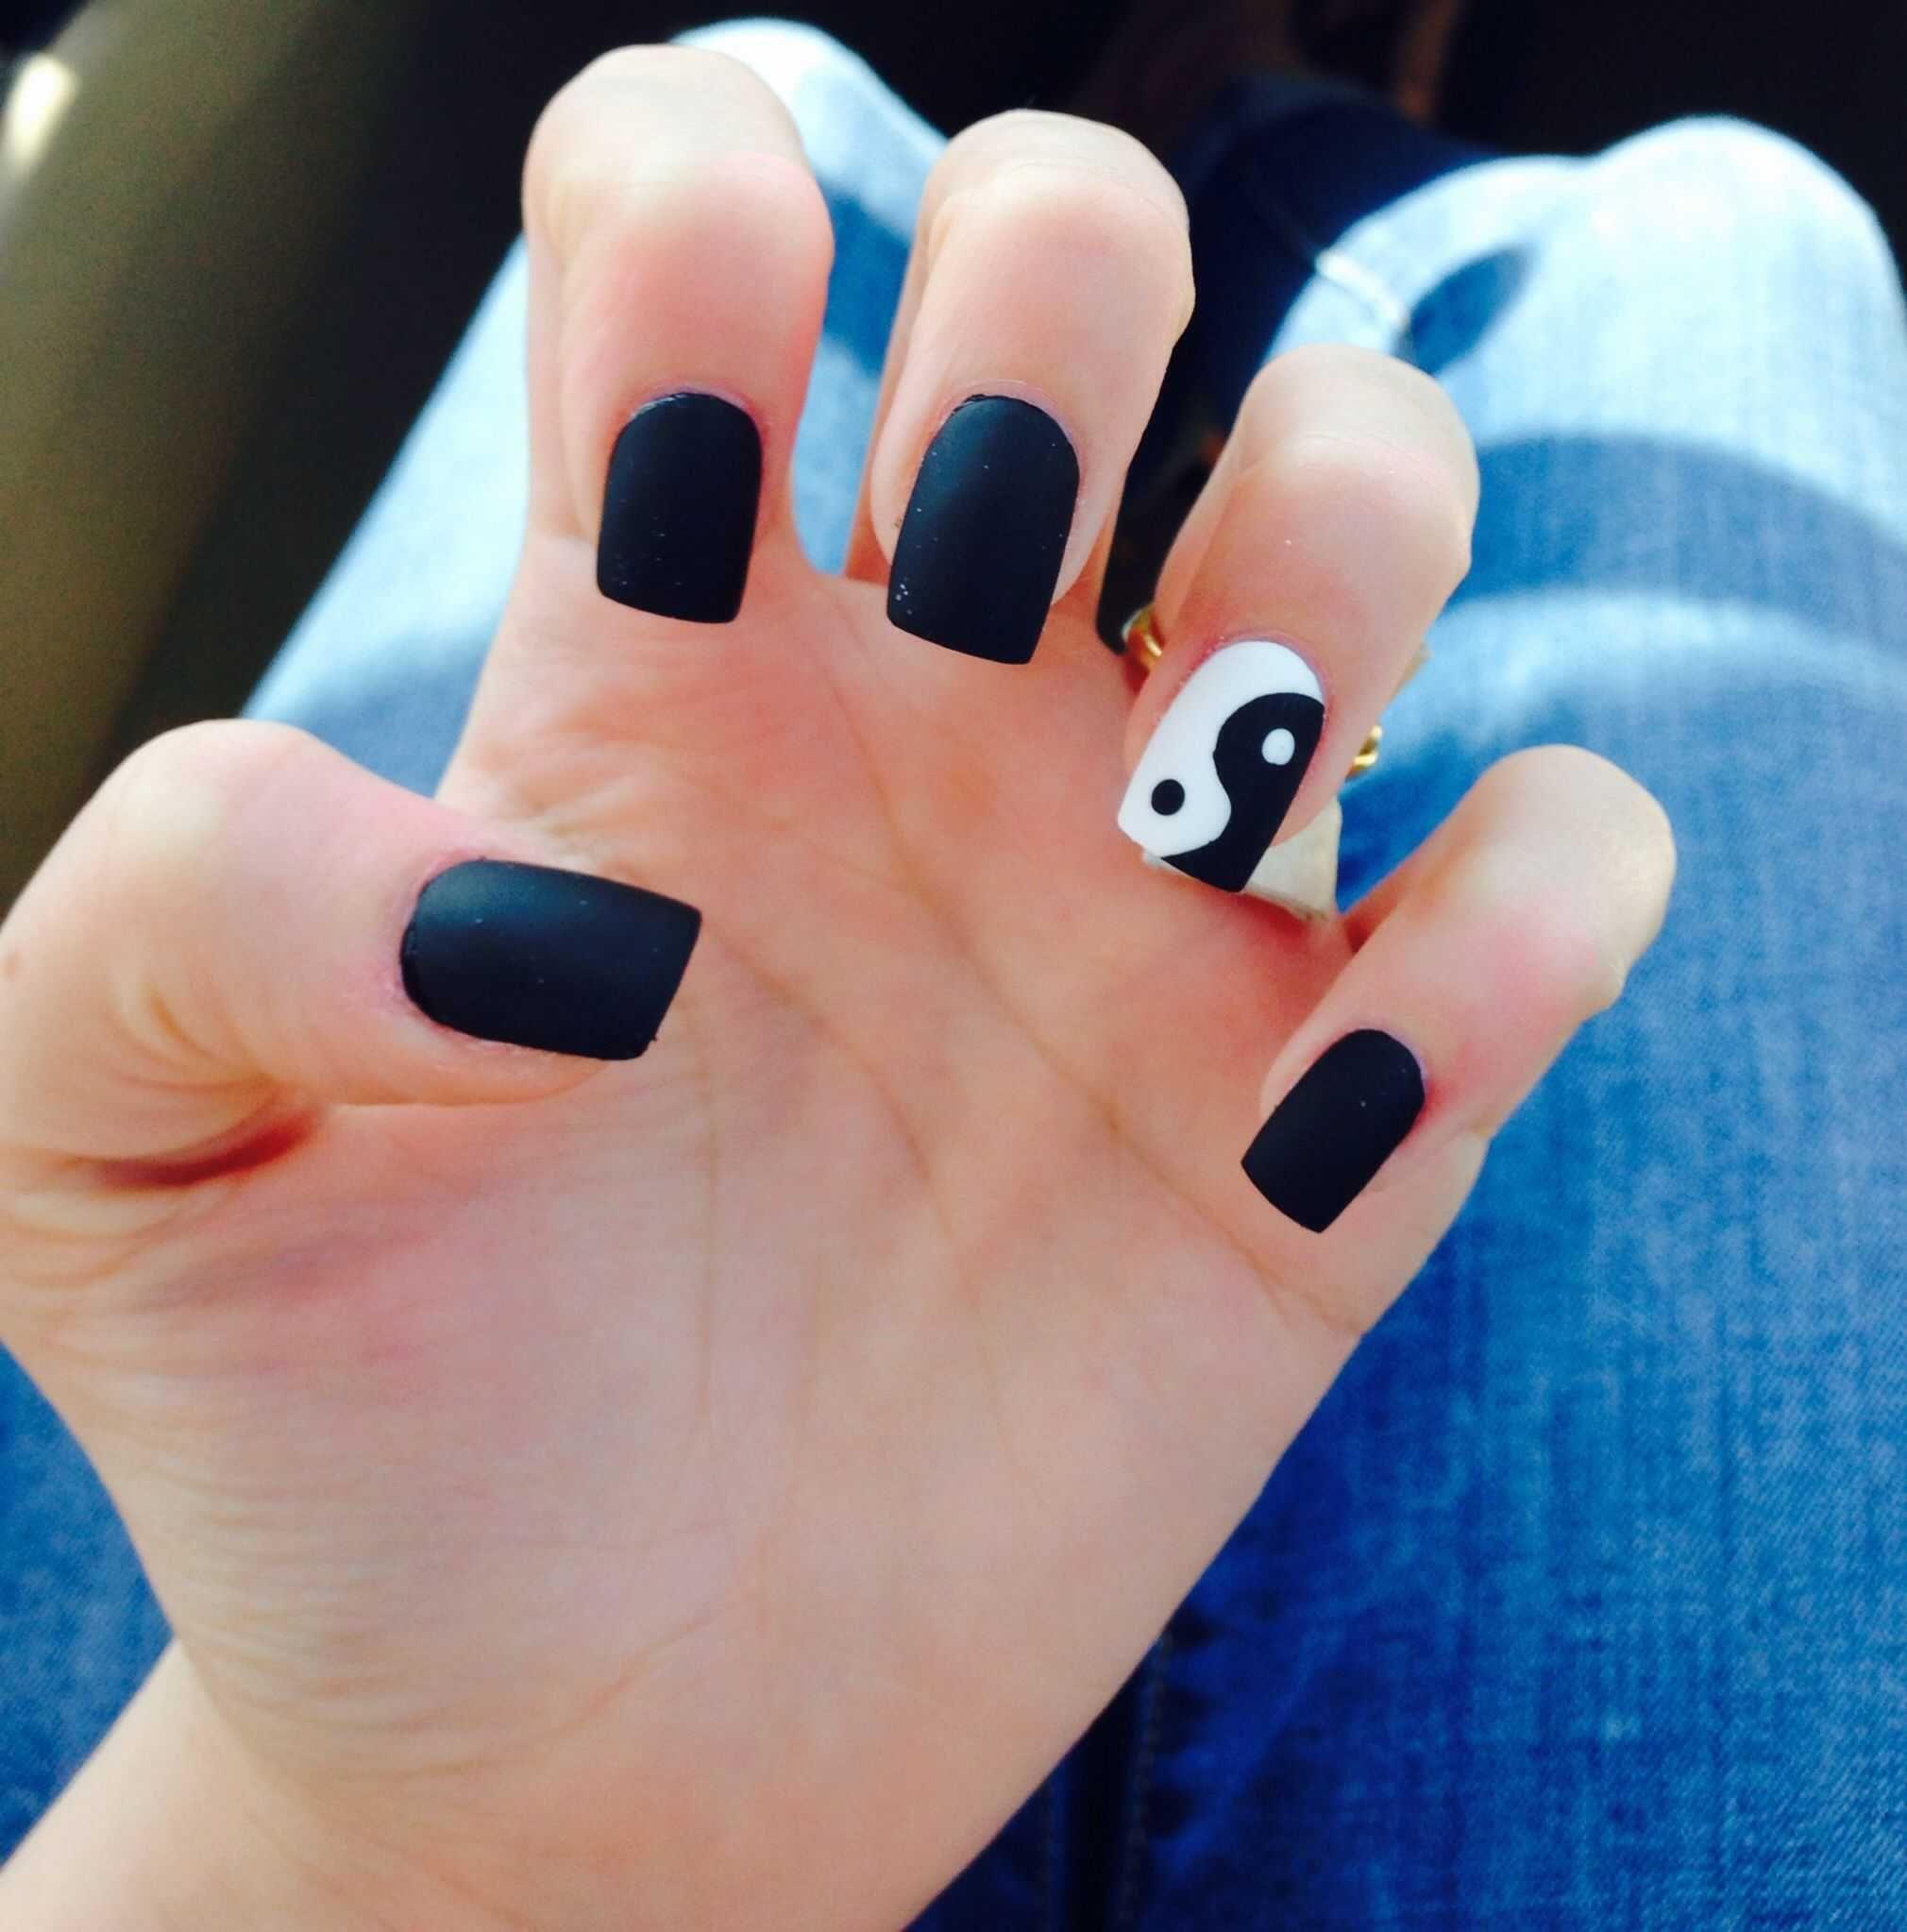 3d Nails Art Nail Care Young Nails Acrylic Nail Art Gel Nails Trendy Nail Art Nails Nail Trends Uv Gel N In 2020 Yin Yang Nails Cute Acrylic Nails Acrylic Nail Designs